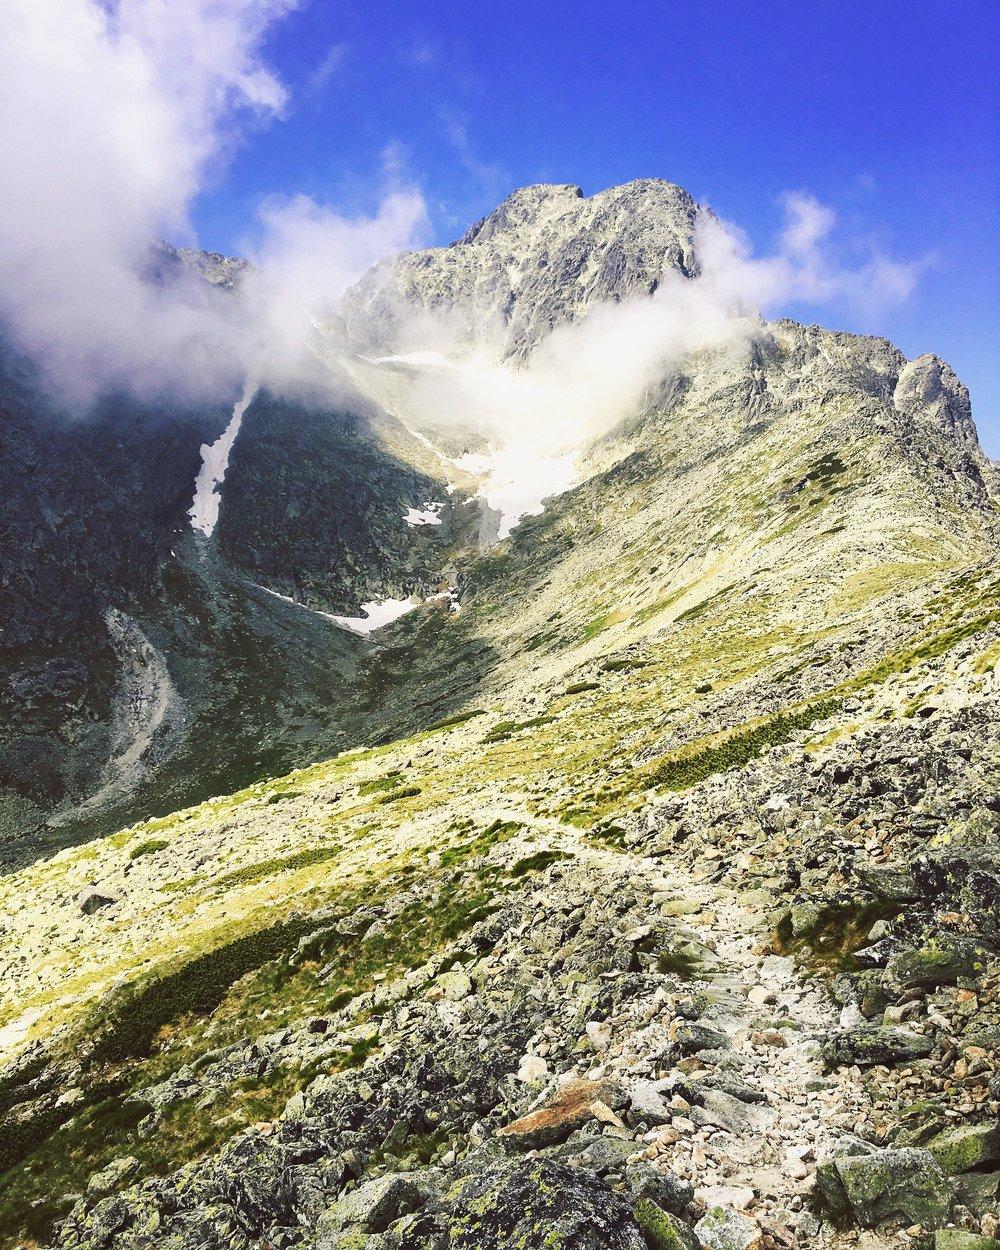 The way down after you reached Veľká Svišťovka's peak